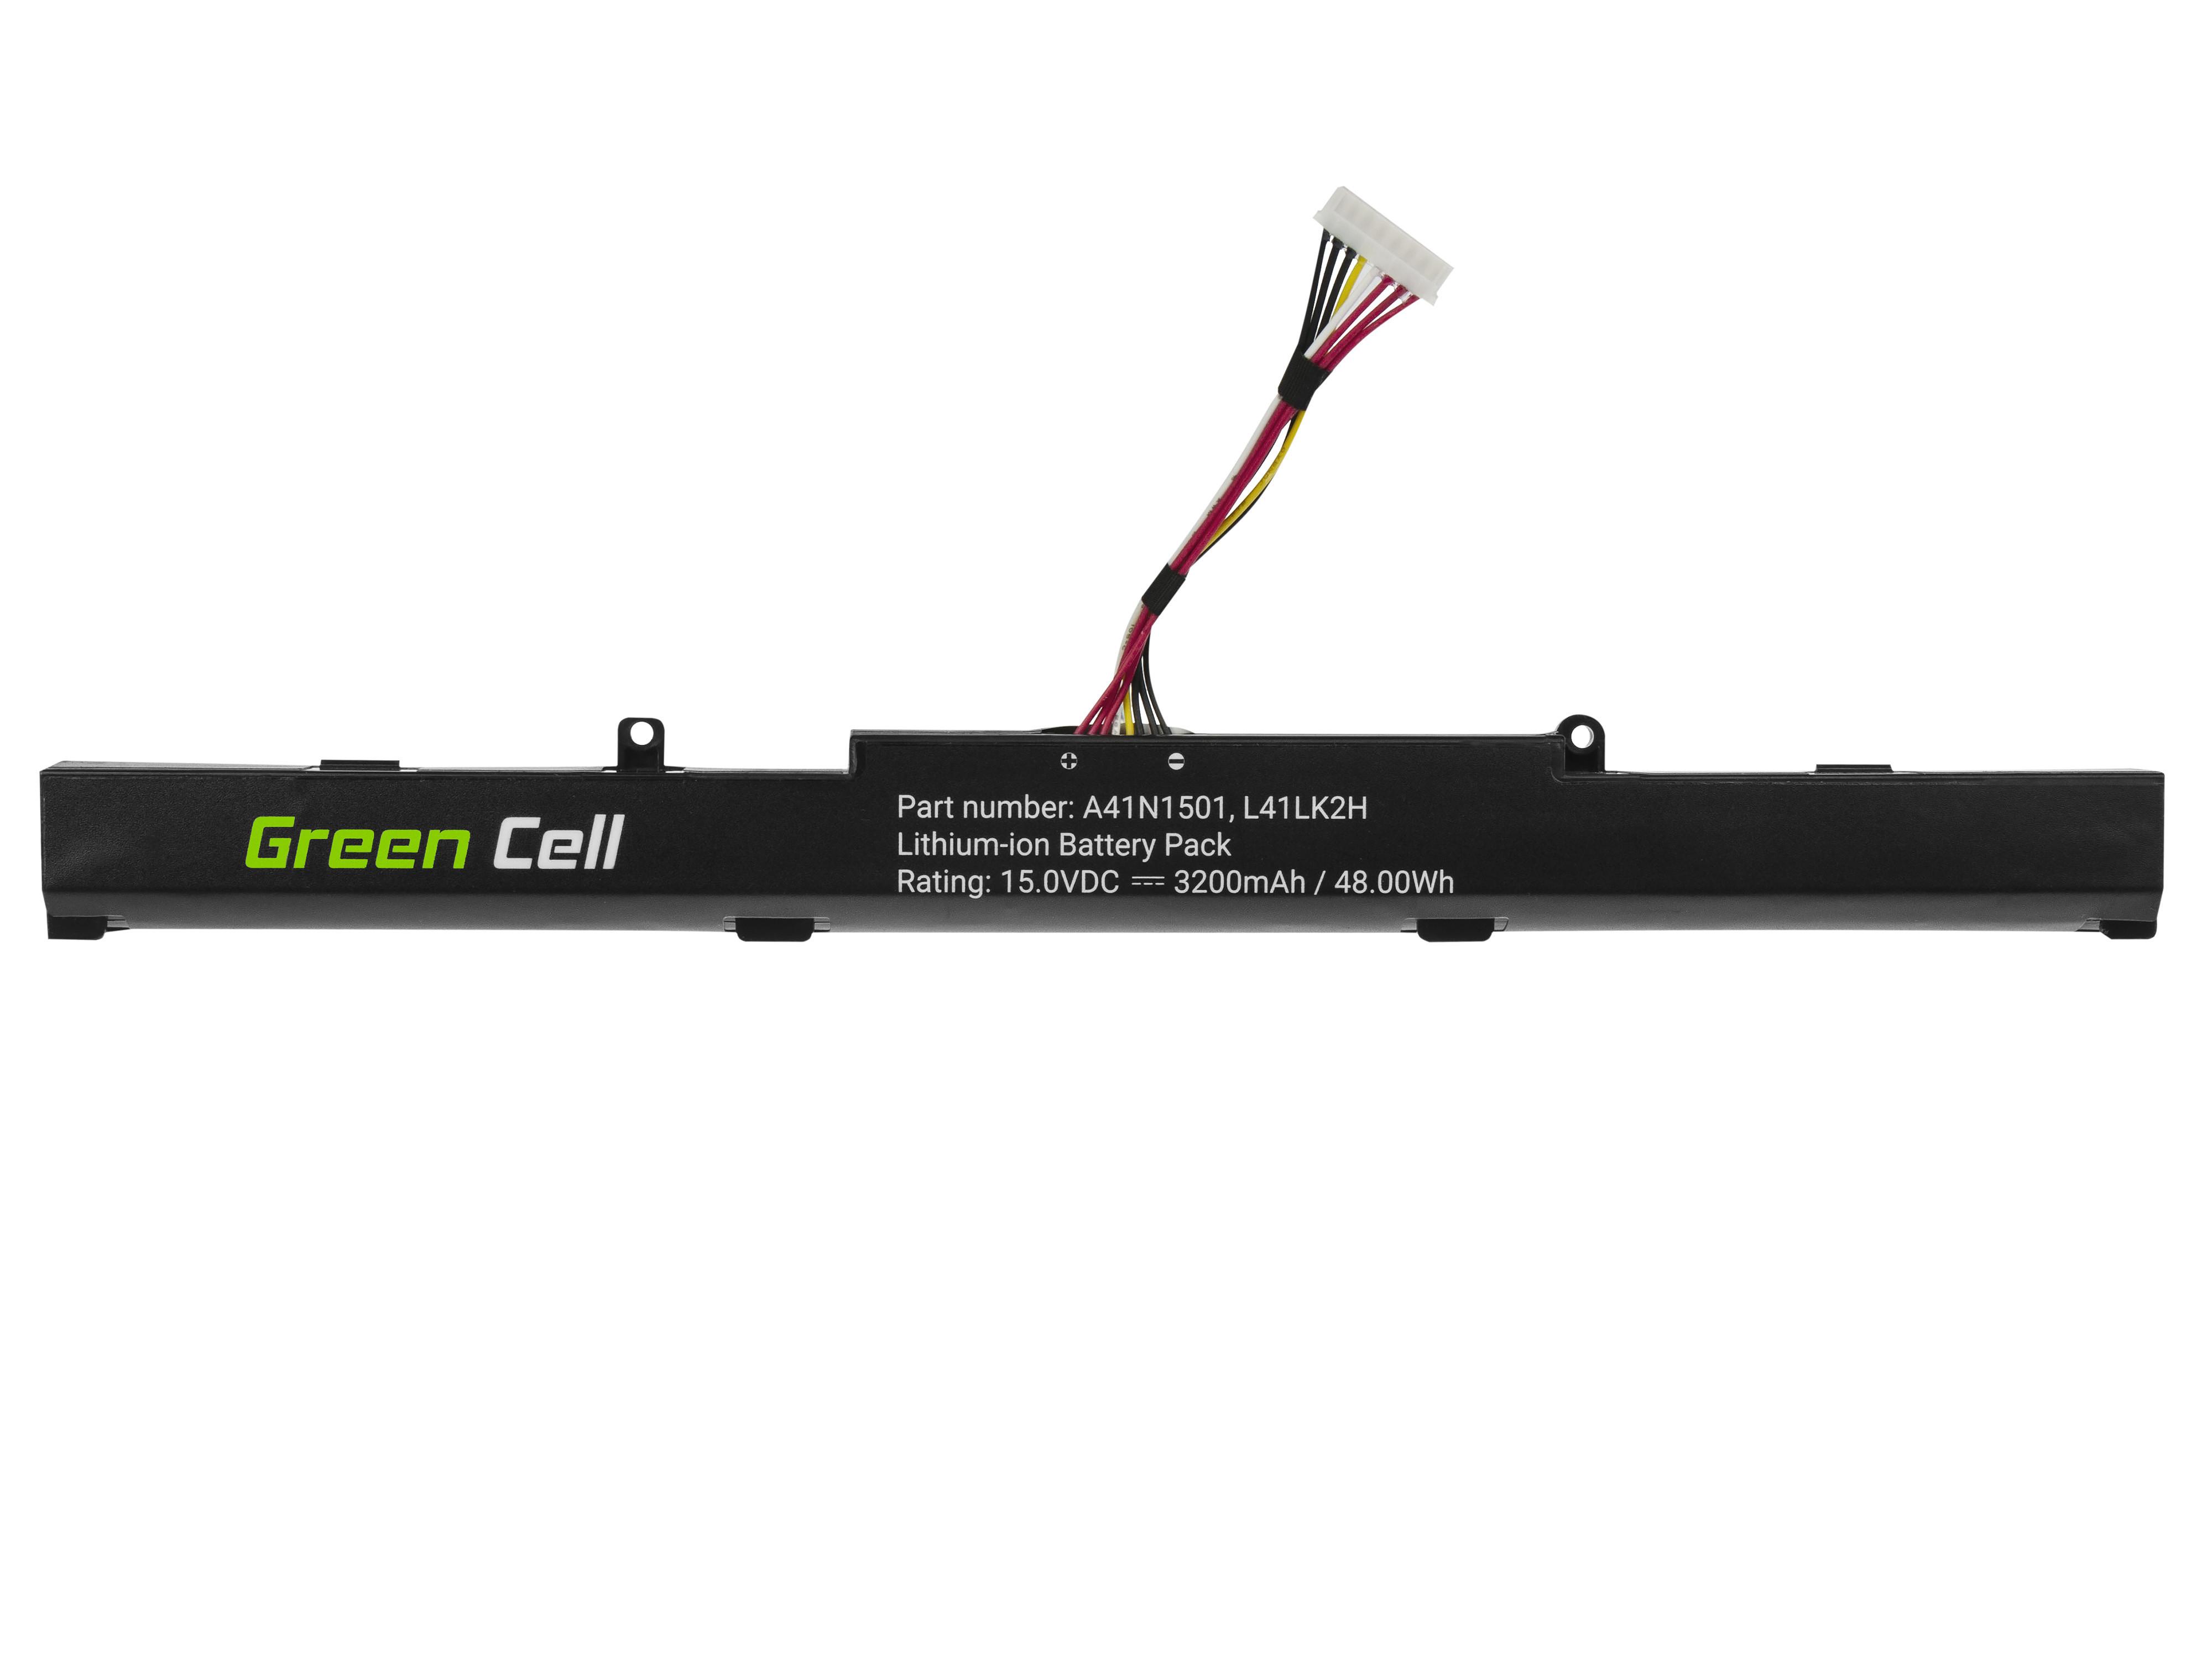 Battery Green Cell A41N1501 for Asus ROG GL752 GL752V GL752VW, Asus VivoBook Pro N552 N552V N552VW N552VX N752 N752V N752VX